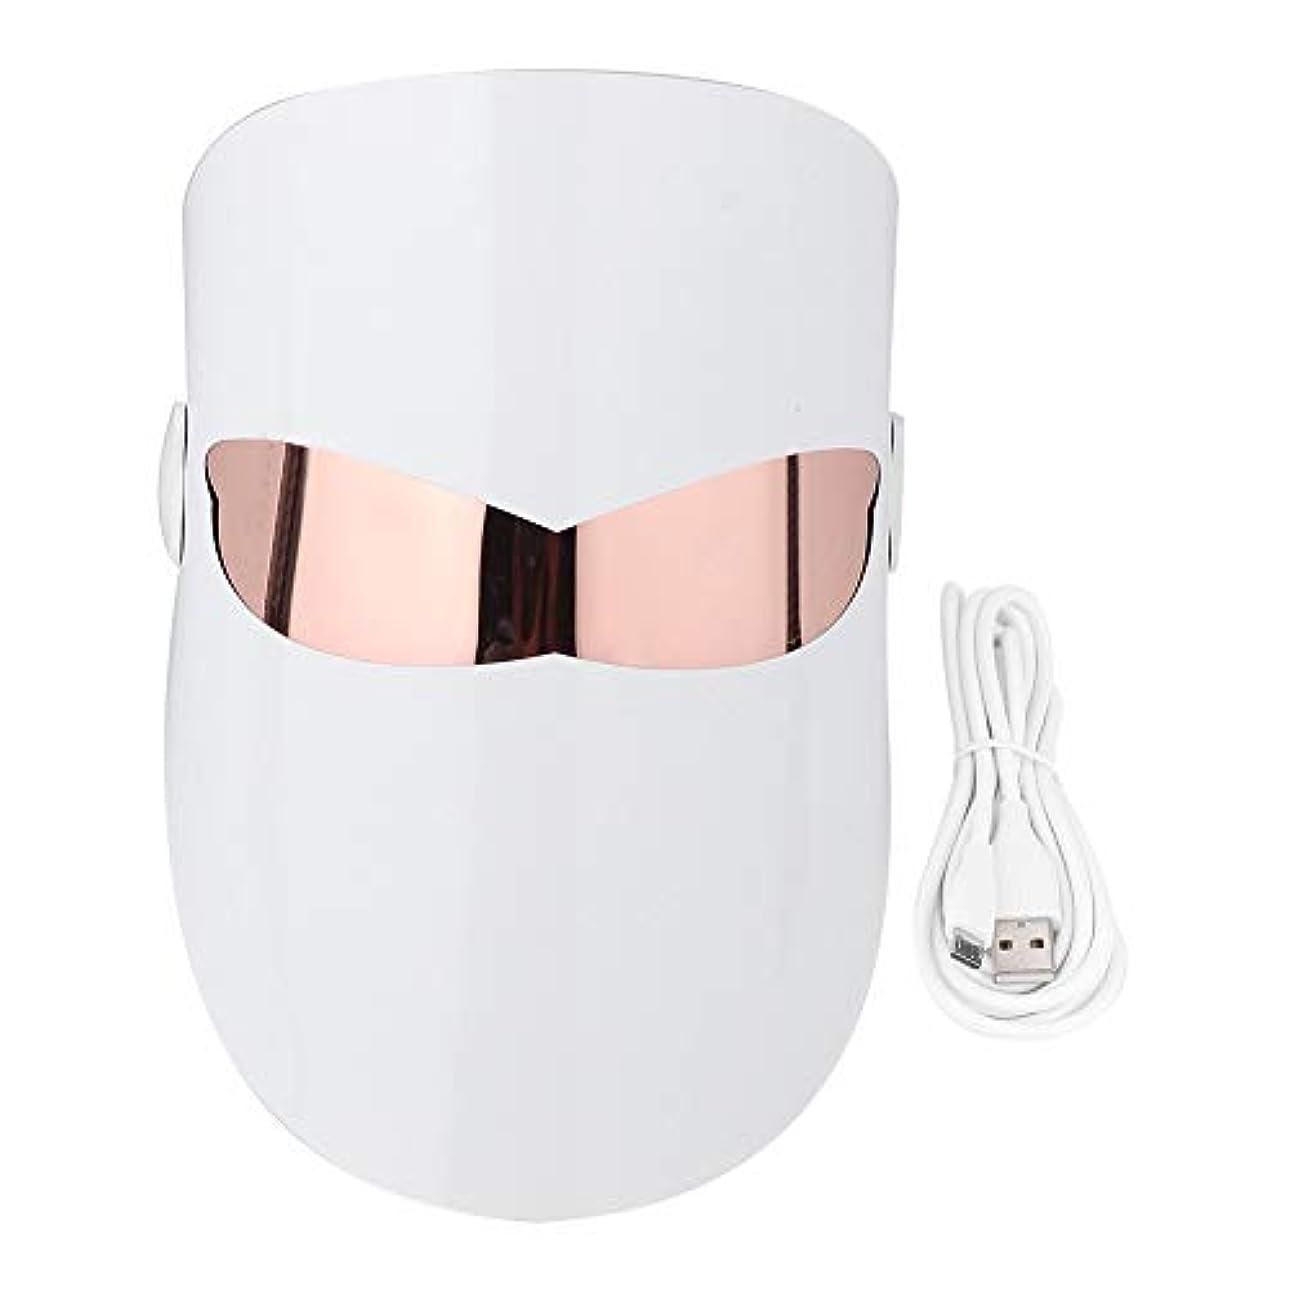 女将ポーチ名門Photon 32 LEDライトフェイスマスクホワイトニングリジュビネーションマッサージ栄養コラーゲン回復にきび除去スパ美容機器フェイス&ネックスキンケアマスク